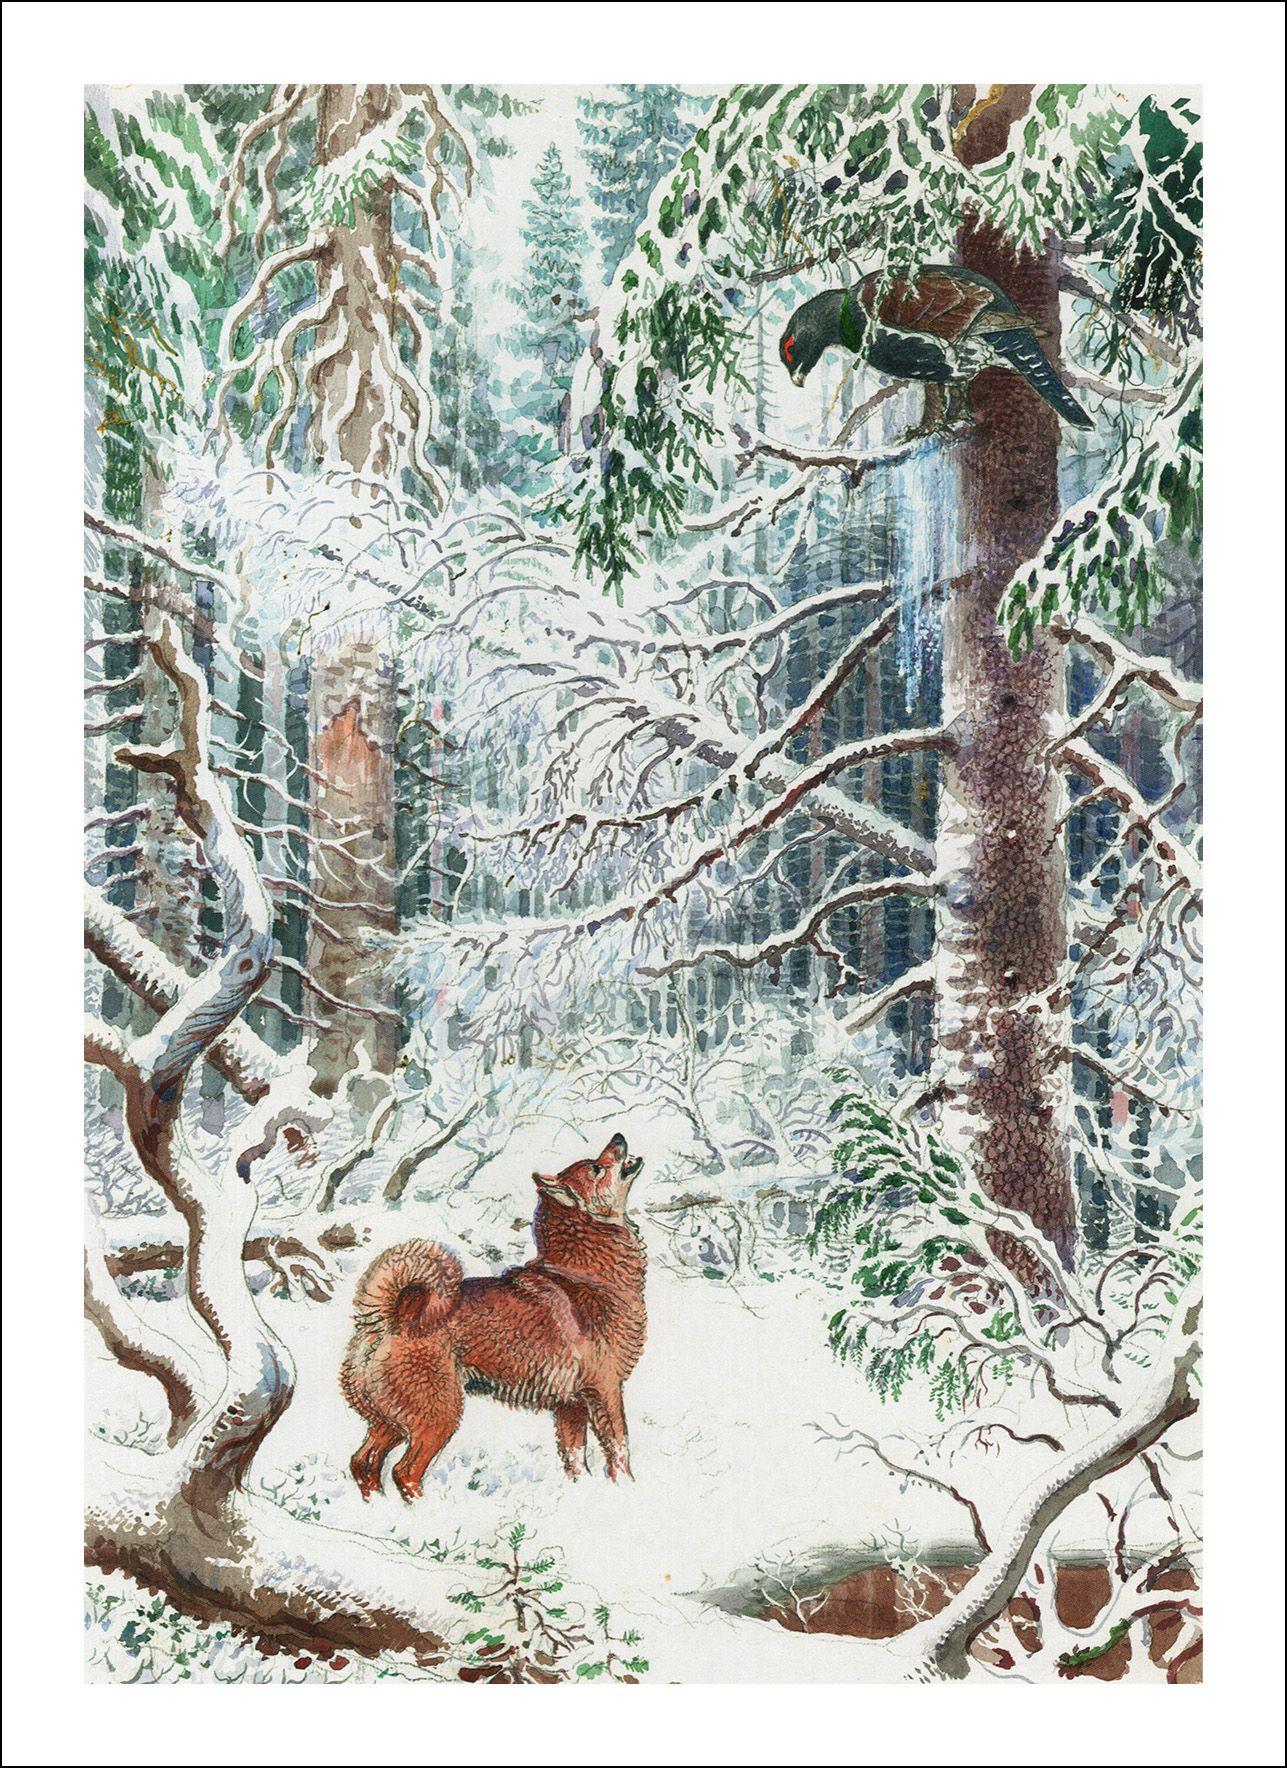 охотник в зимнем лесу рисунок